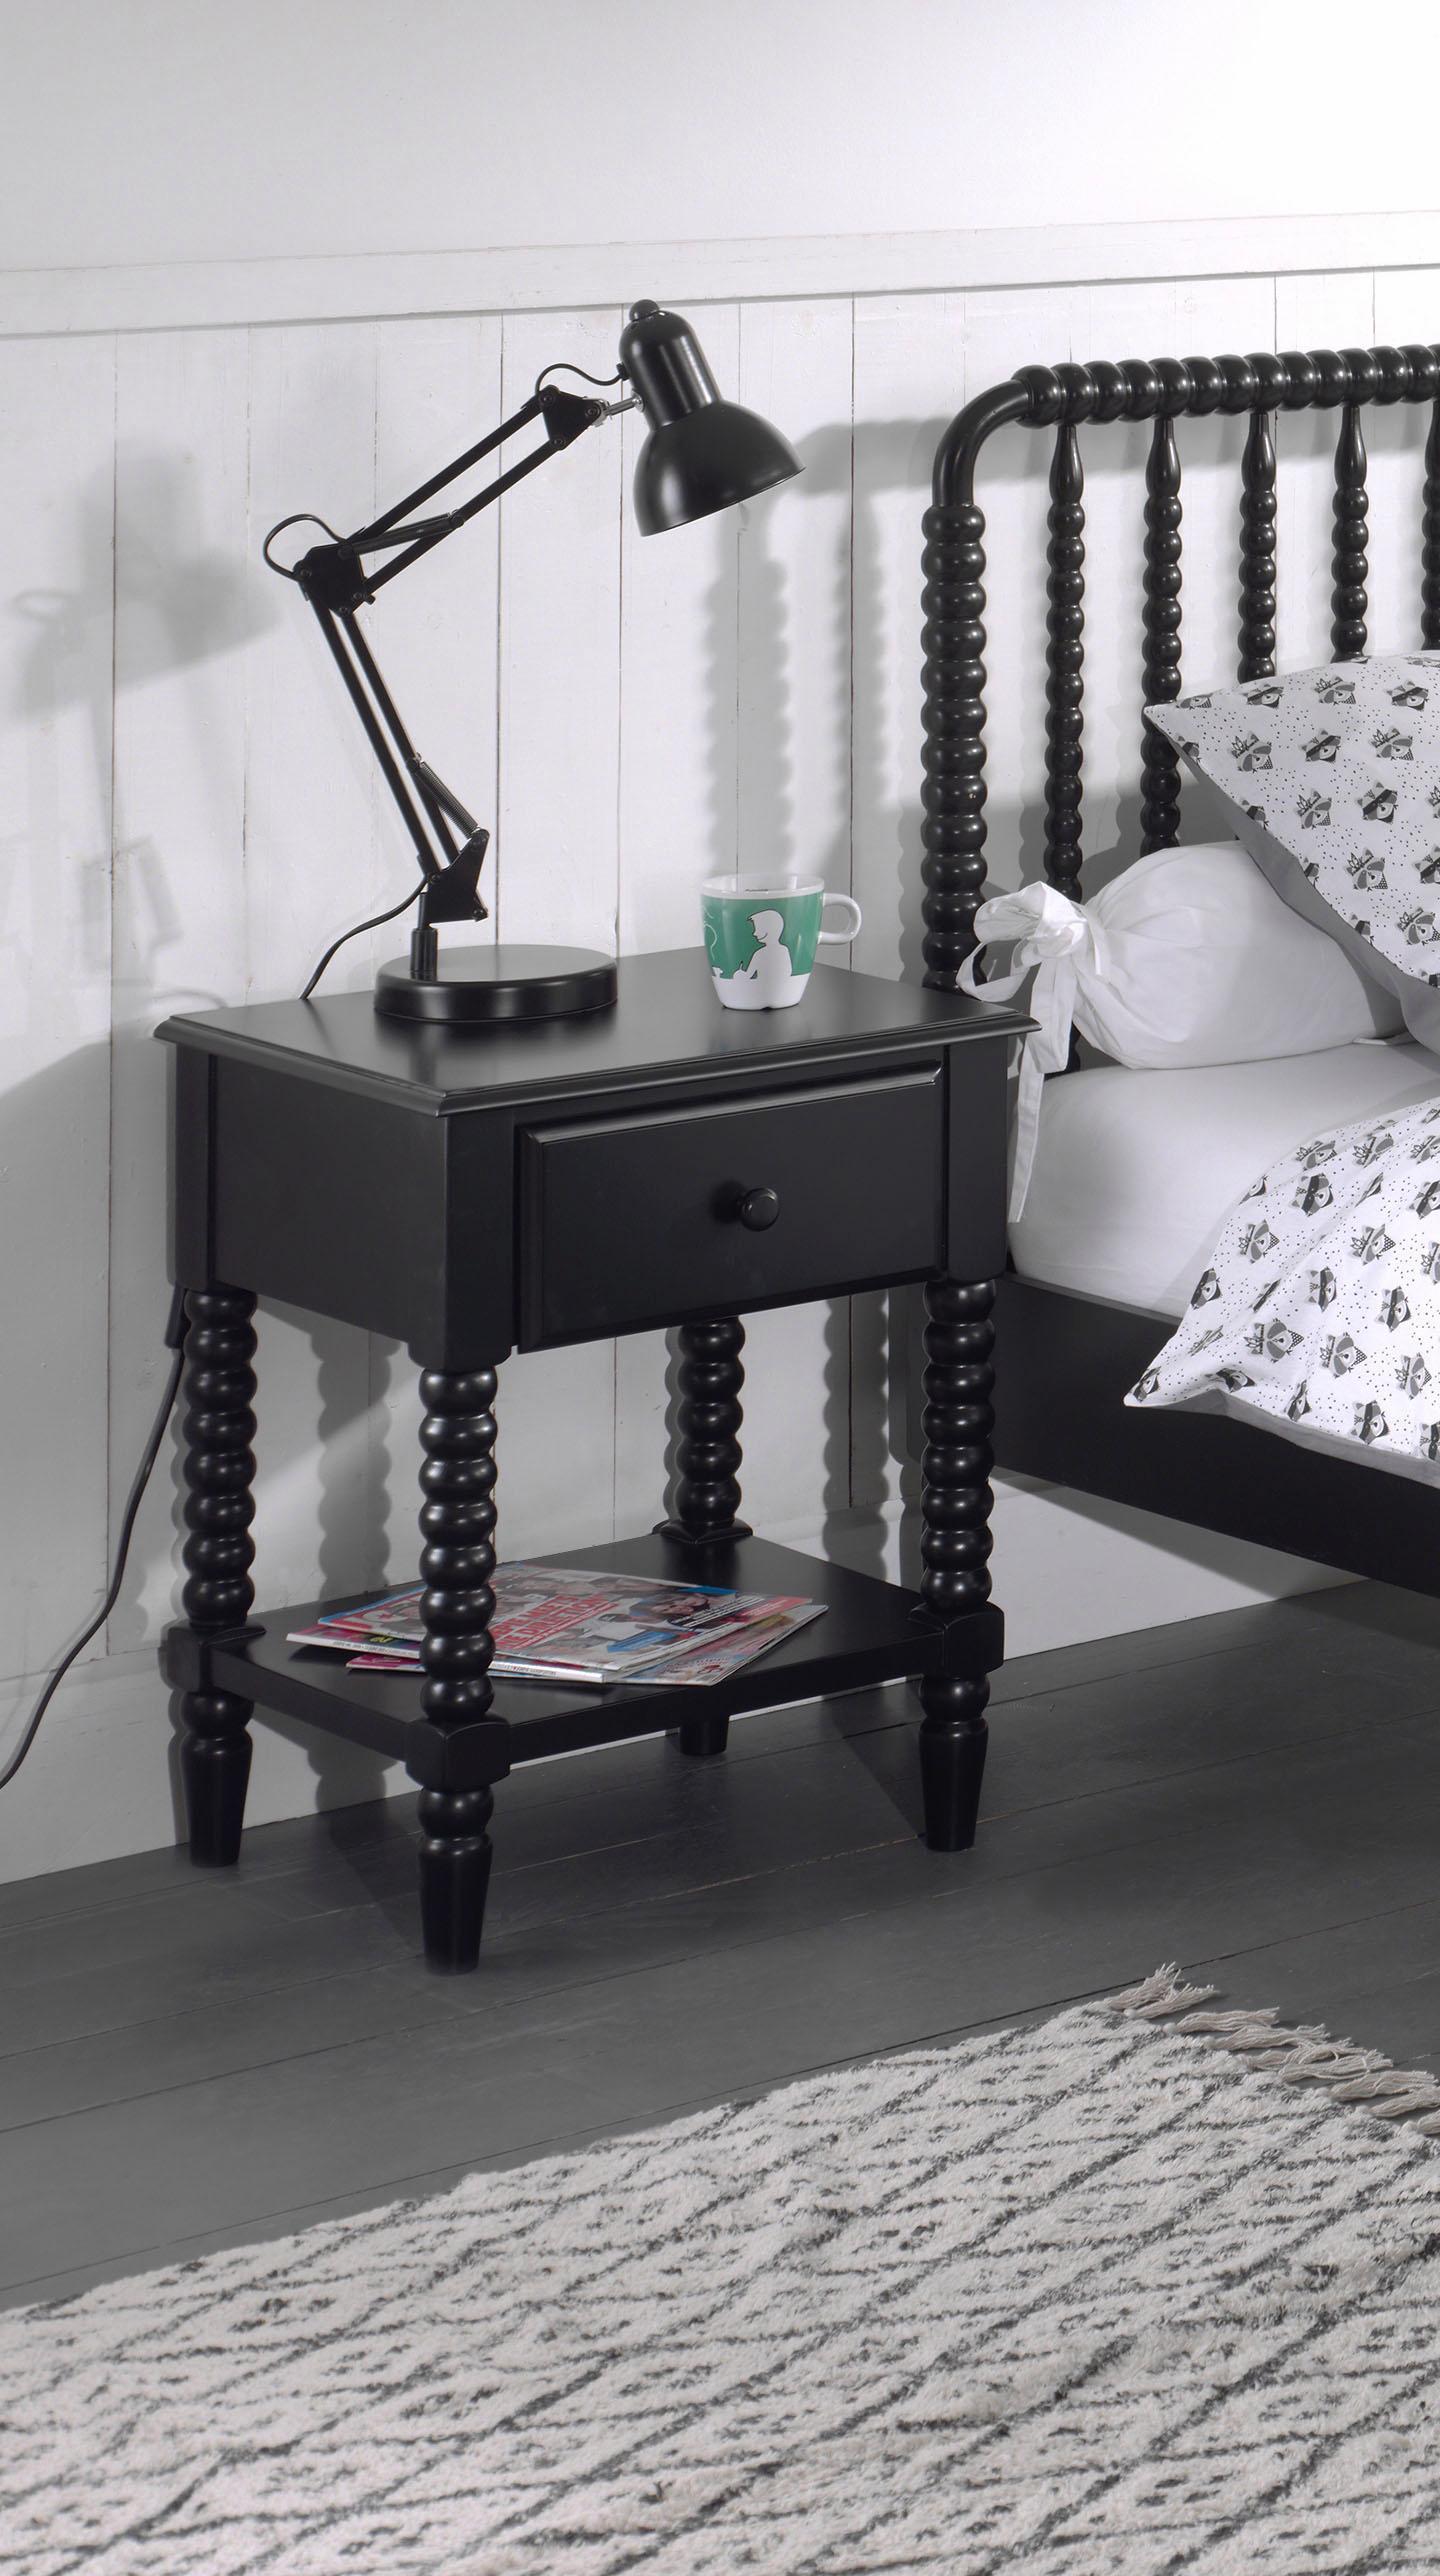 Vipack Nachttisch »Alana«, Massivholz mit MDF-Oberfläche   Schlafzimmer > Nachttische   Schwarz   Massivholz - Mdf - Massiver   VIPACK FURNITURE